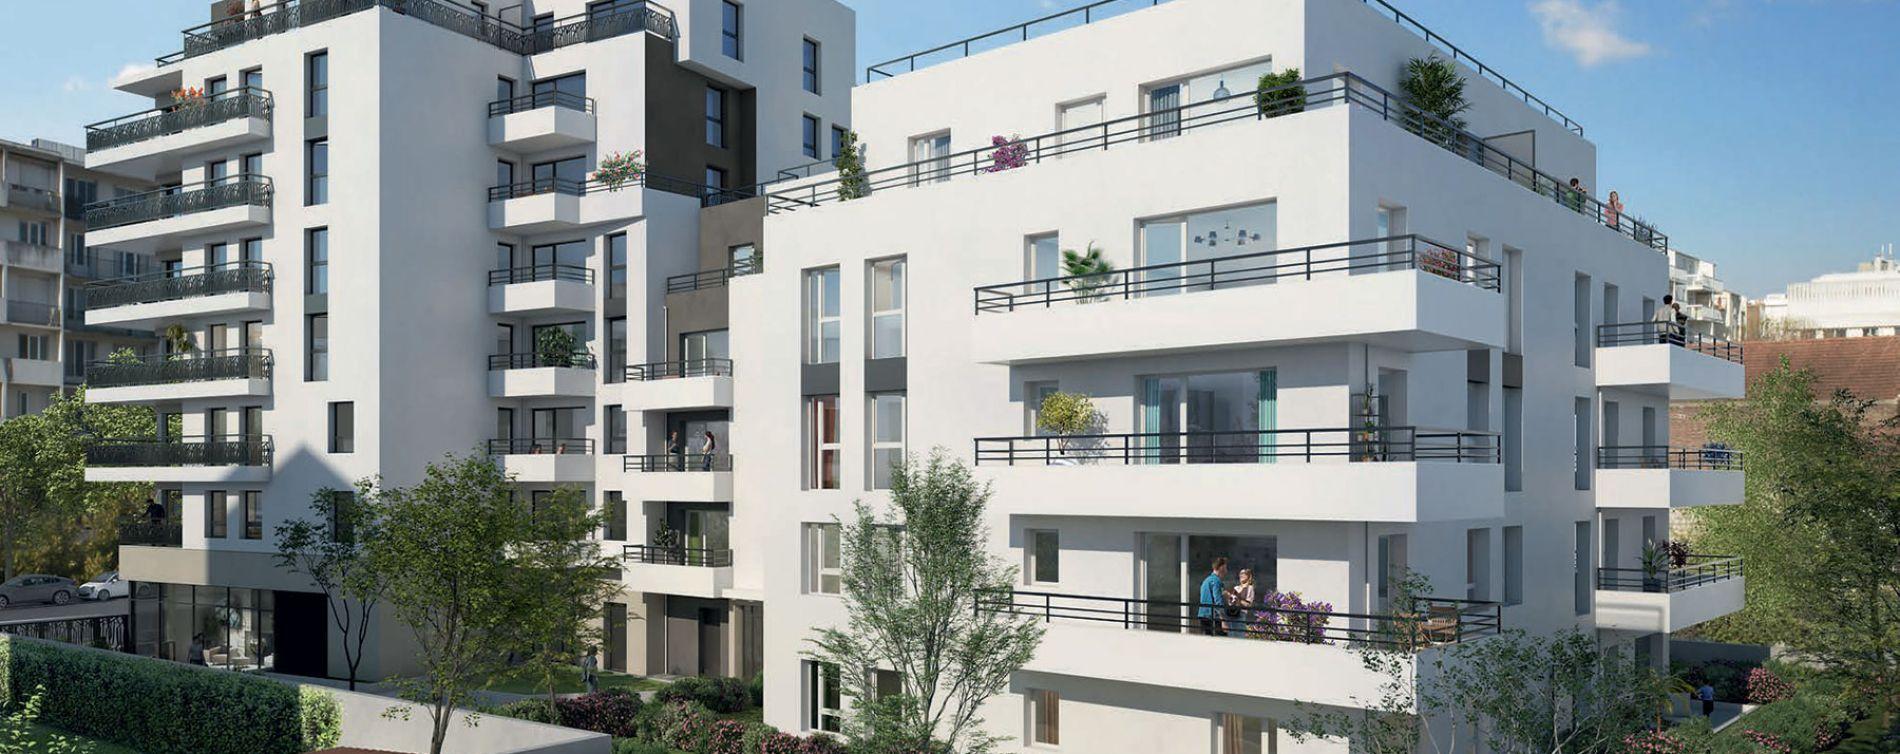 Champigny-sur-Marne : programme immobilier neuve « Programme immobilier n°218282 » (2)